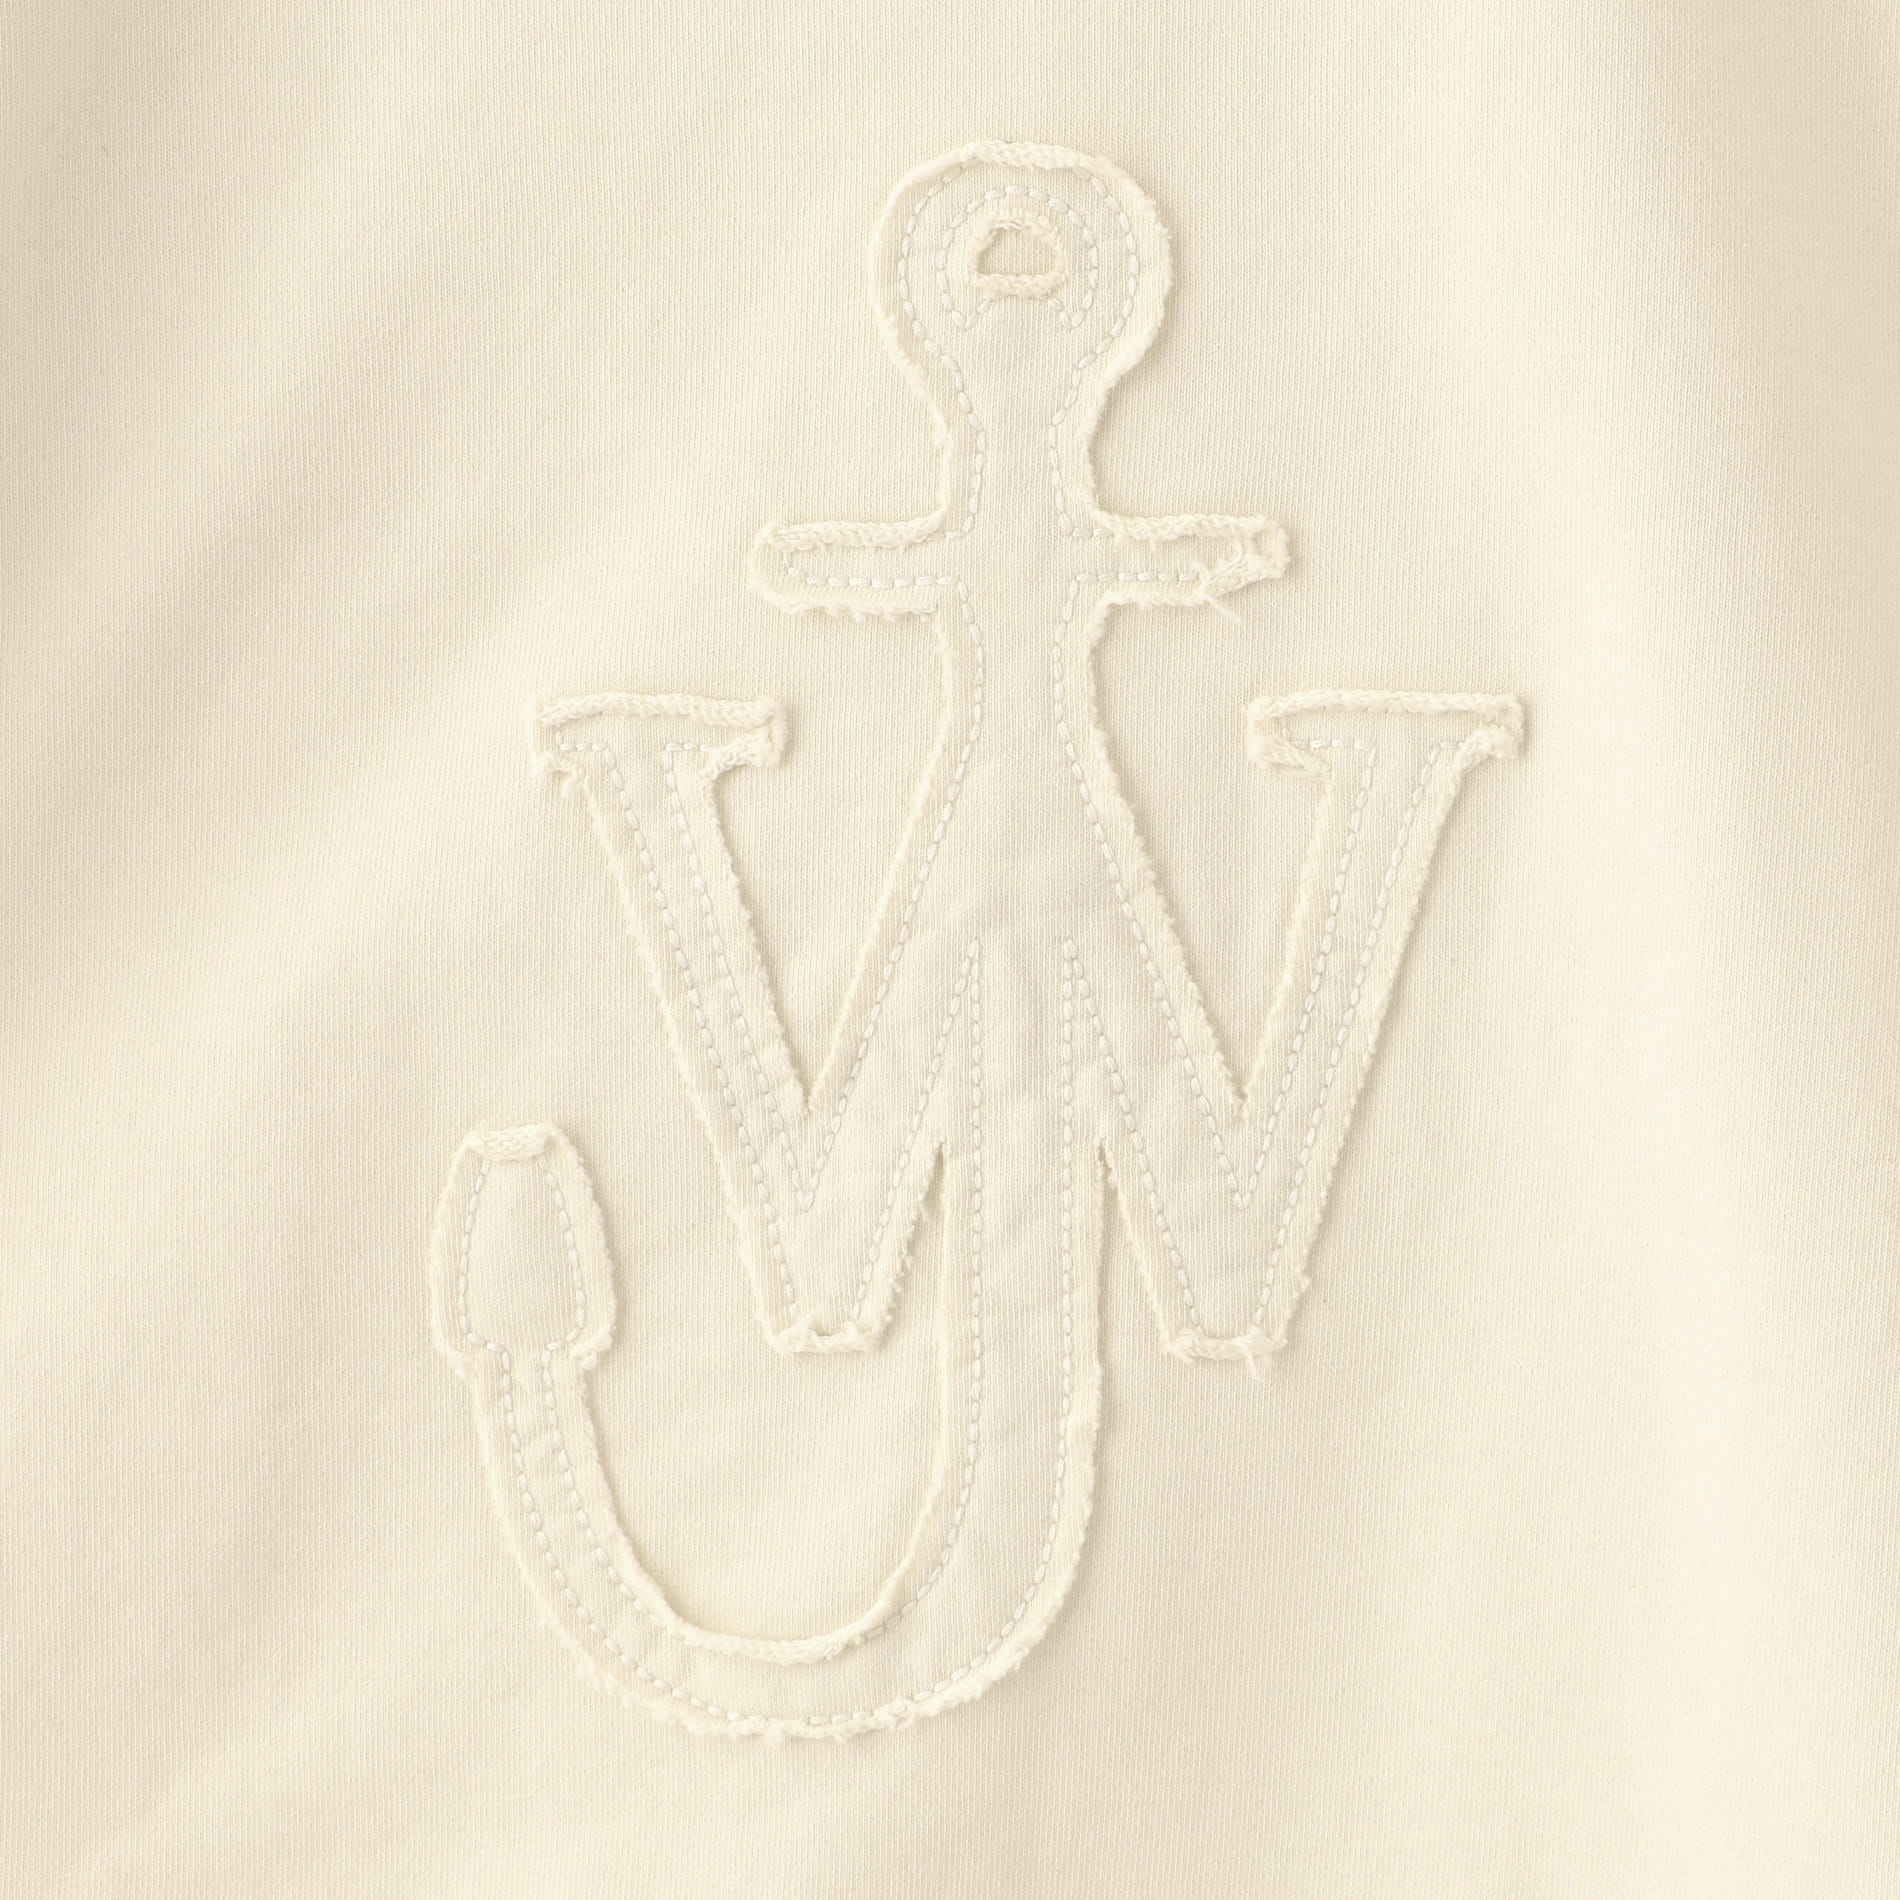 【JW ANDERSON】WOMEN TAB LOGO SWEATSHIRT JE0084-PG0313